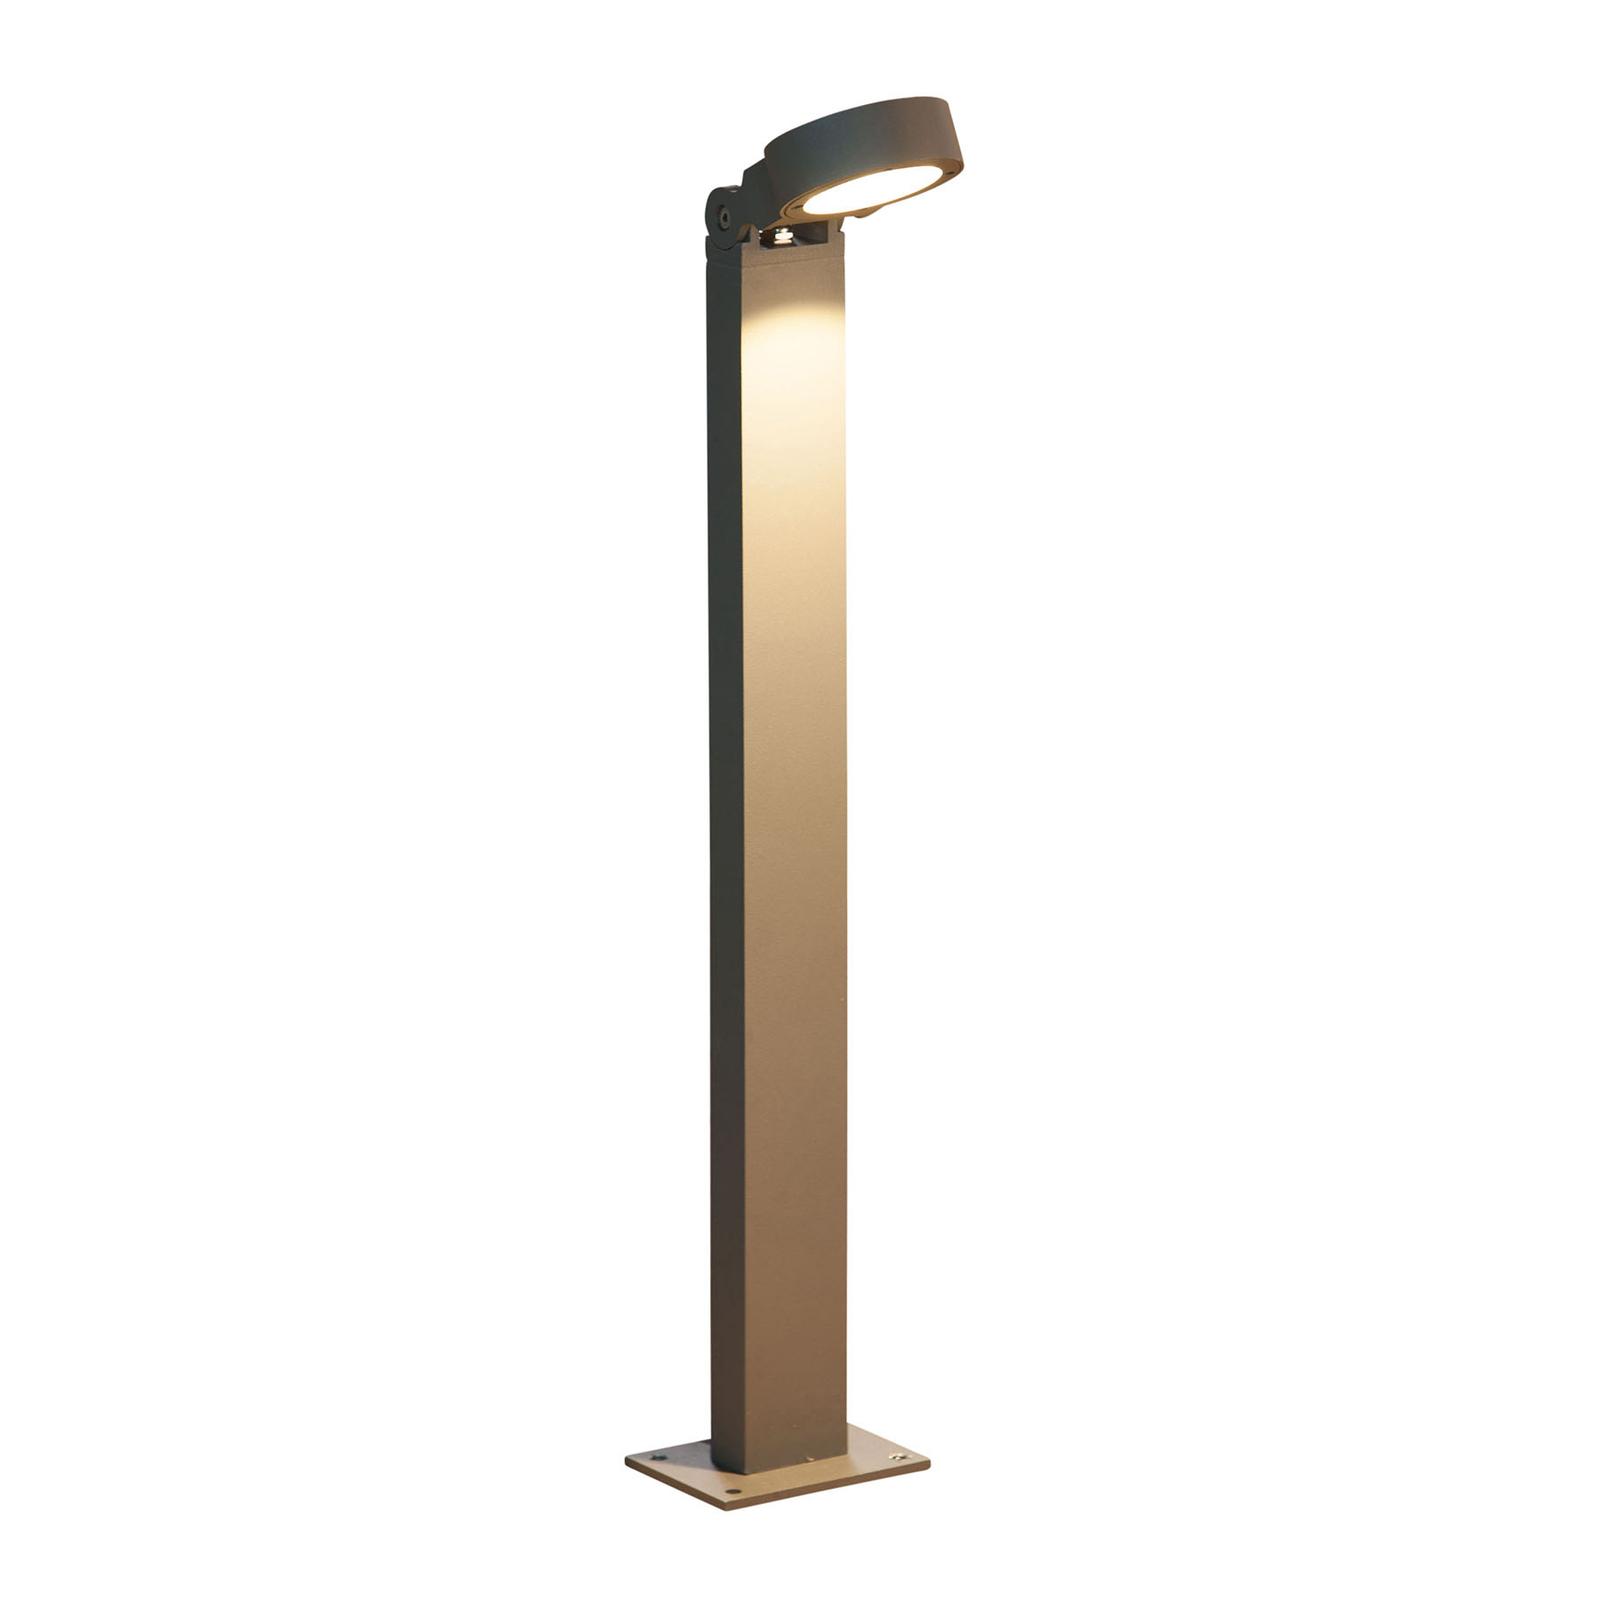 HEISSNER SMART LIGHTS gatelampe, antrasitt, 60 cm